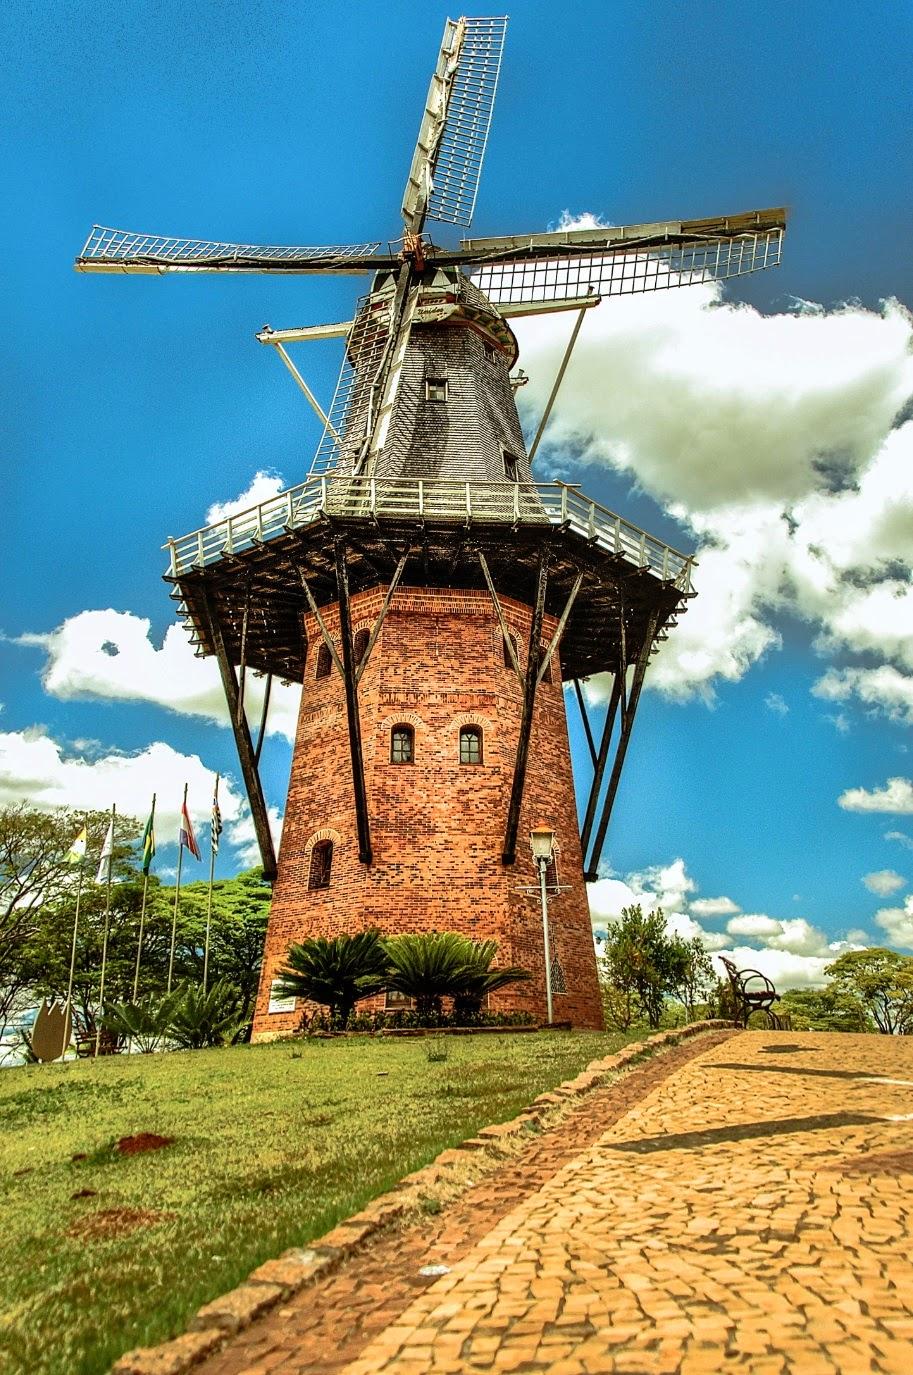 O moinho de Holambra é um marco visual que pode ser visto a quilômetros de distância por quem transita na estrada entre Santo Antônio de Posse e Artur Nogueira.